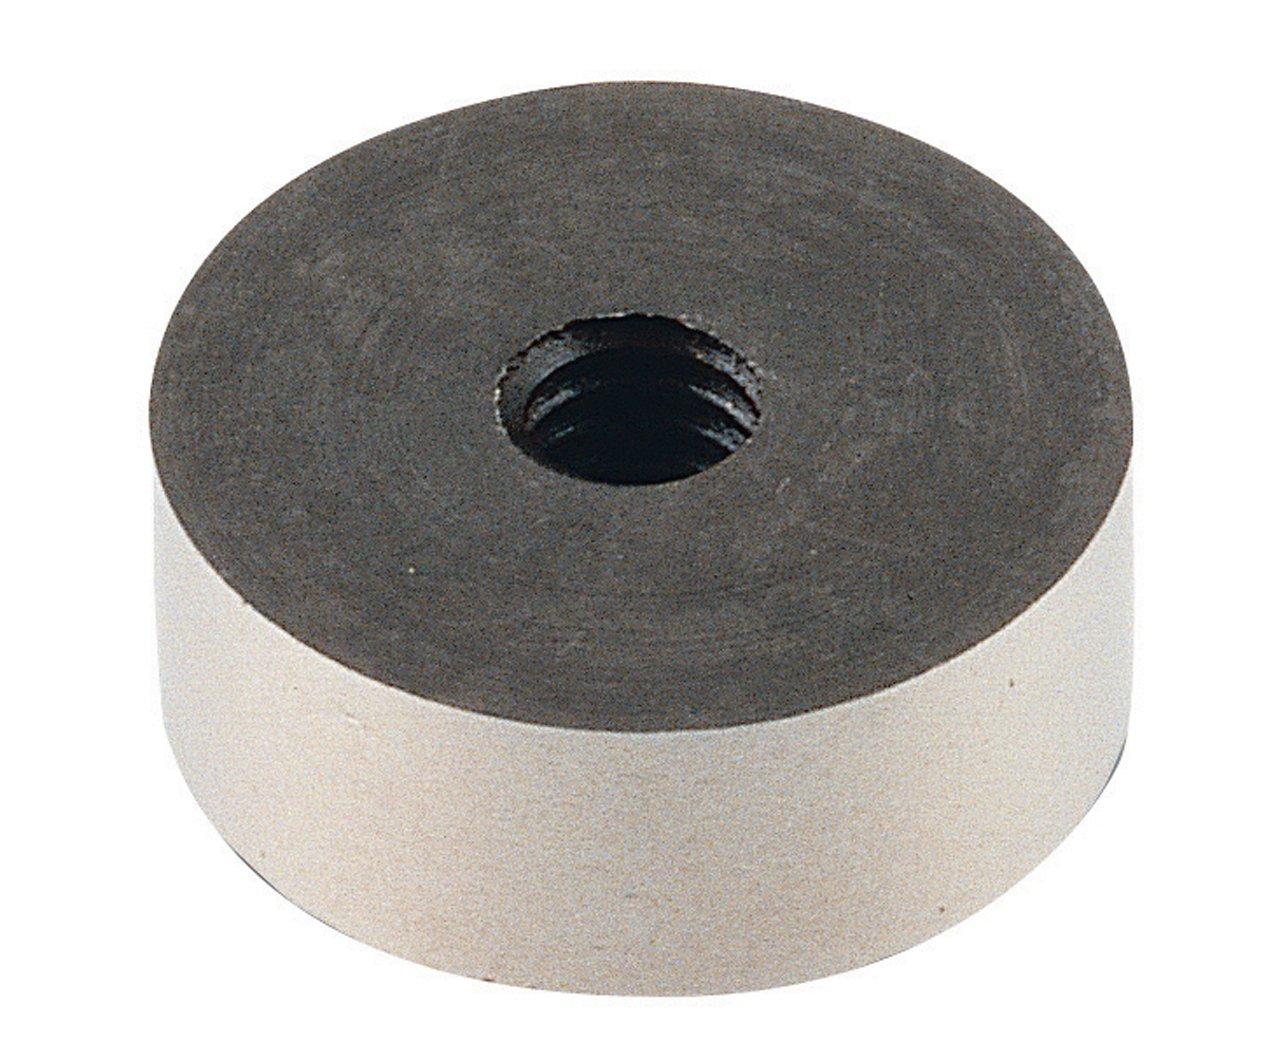 SHAVIV 29141 R10 Double-Sided Round Hi-Speed Steel Blade For Burr-Bi (Pack of 10)